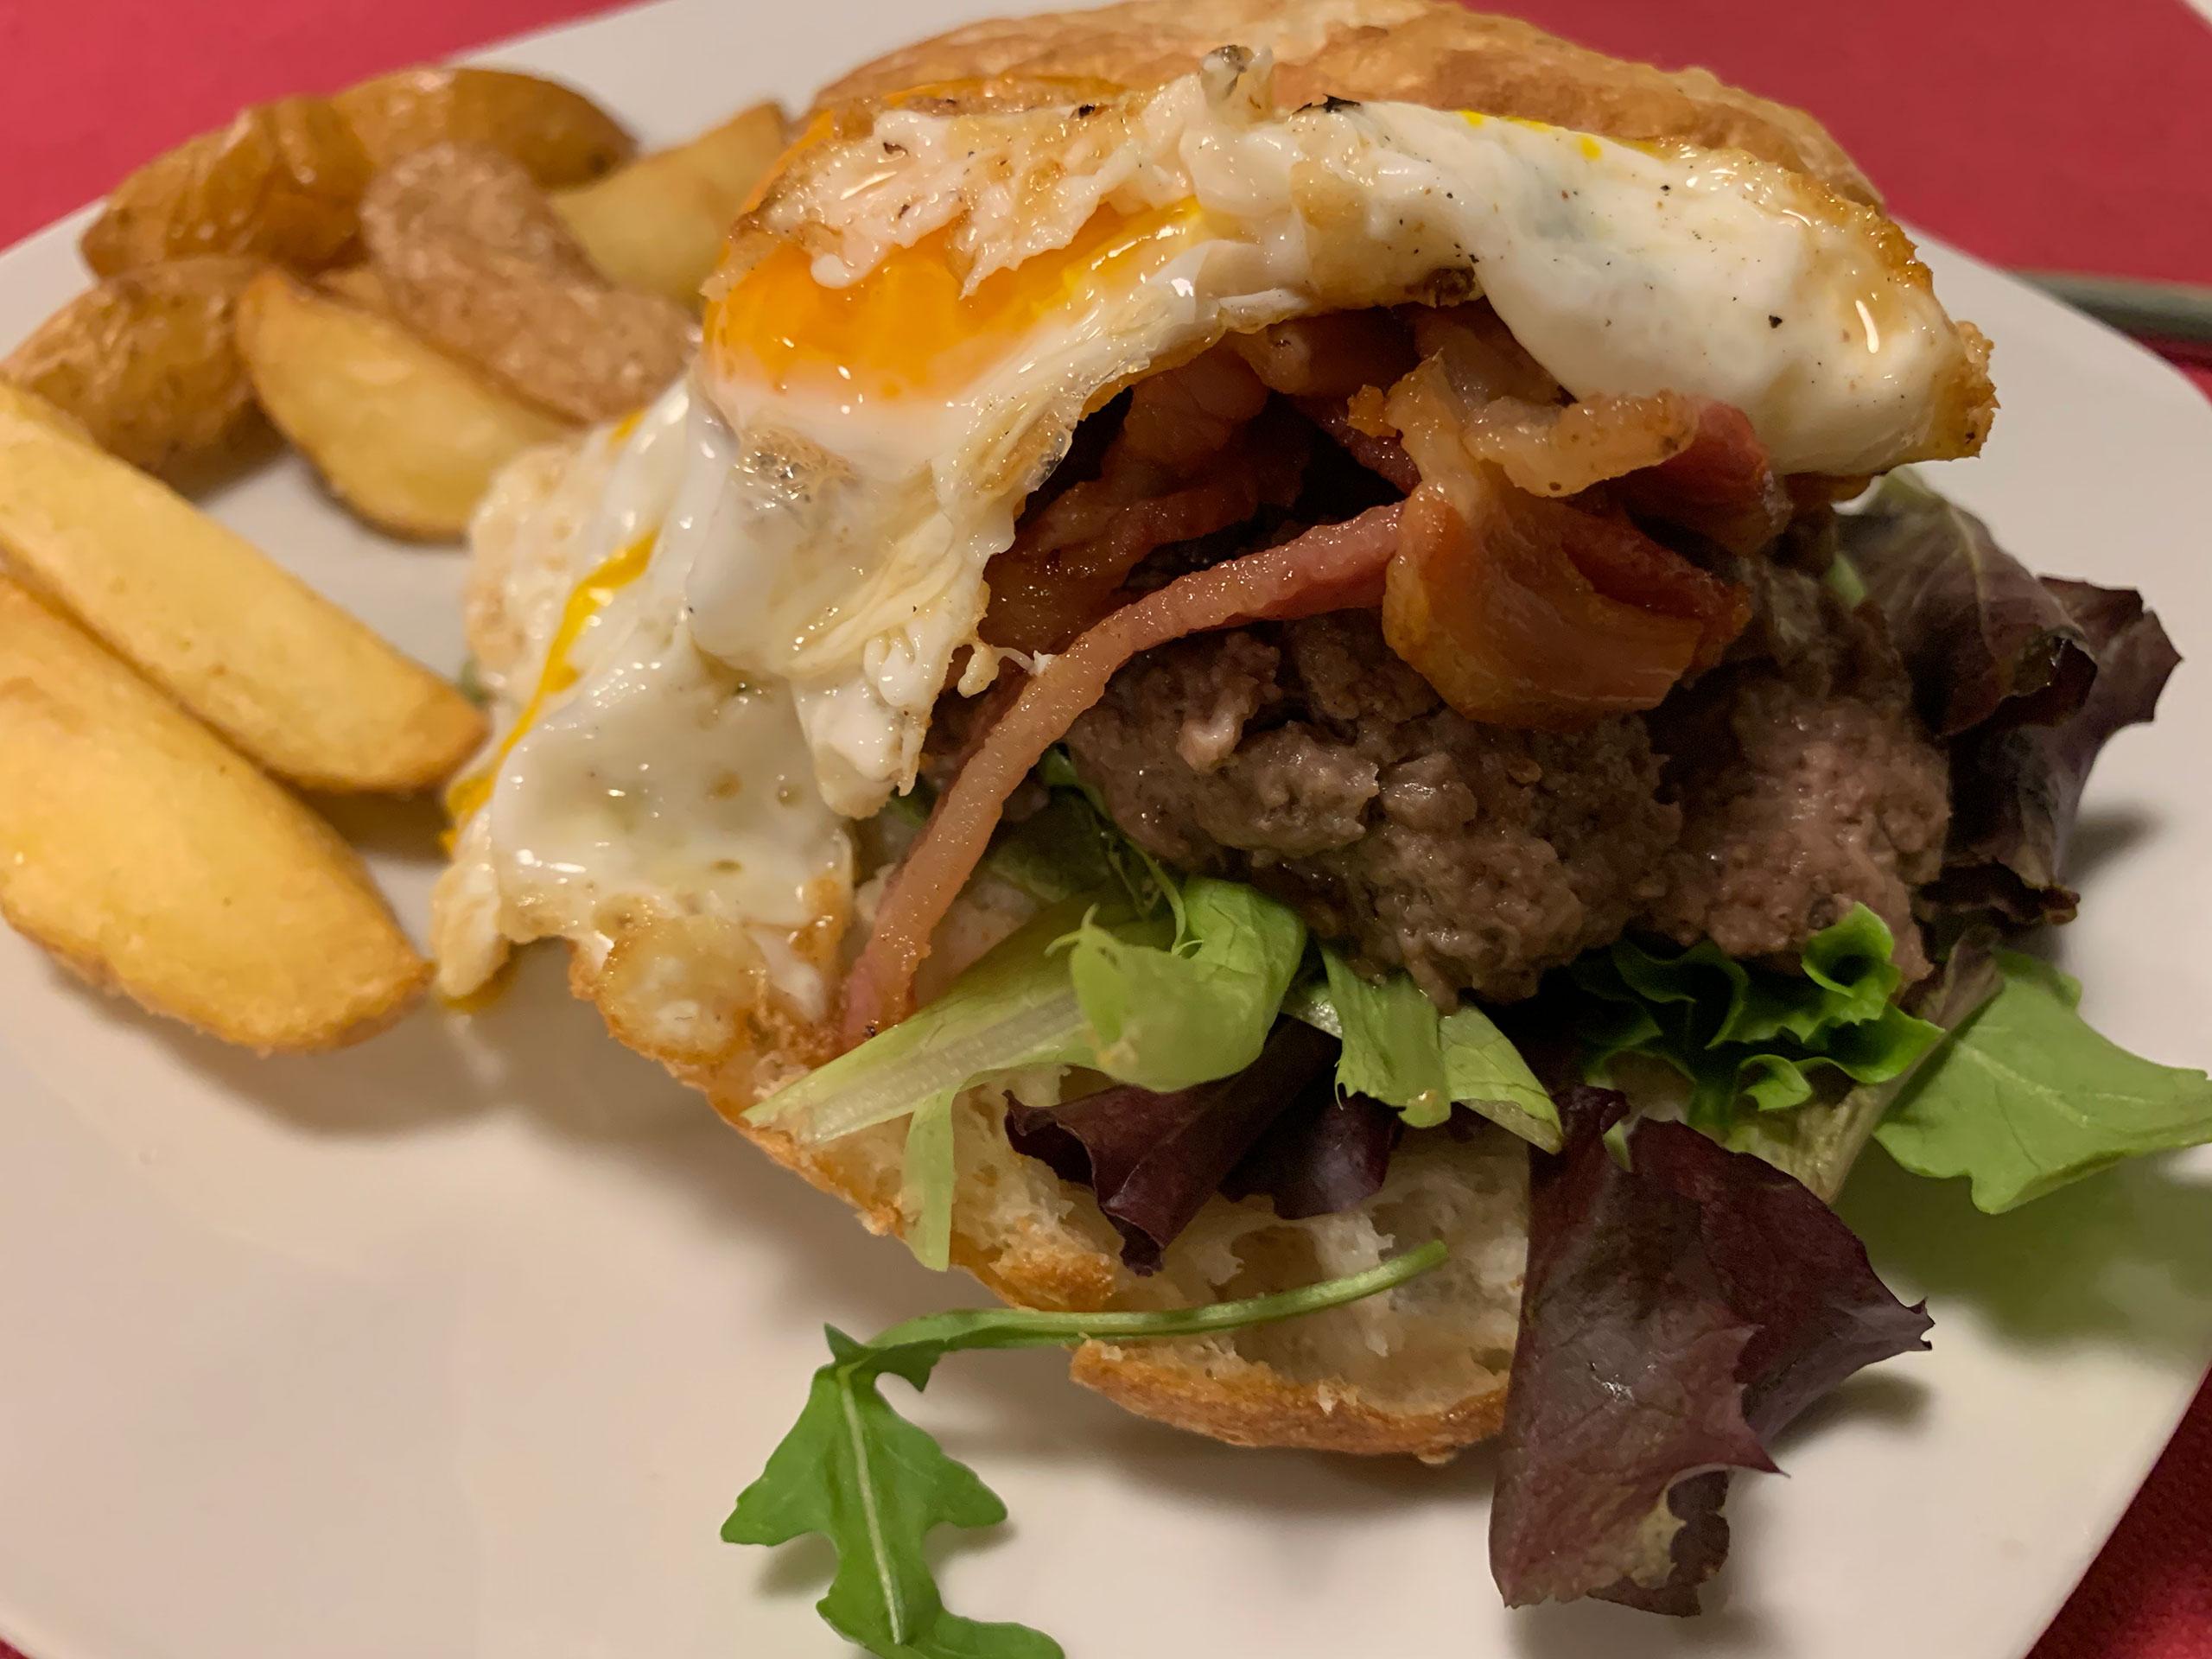 Hamburguesa de ternera y mozarella con lechuga, chutney de bacon y huevo campero frito